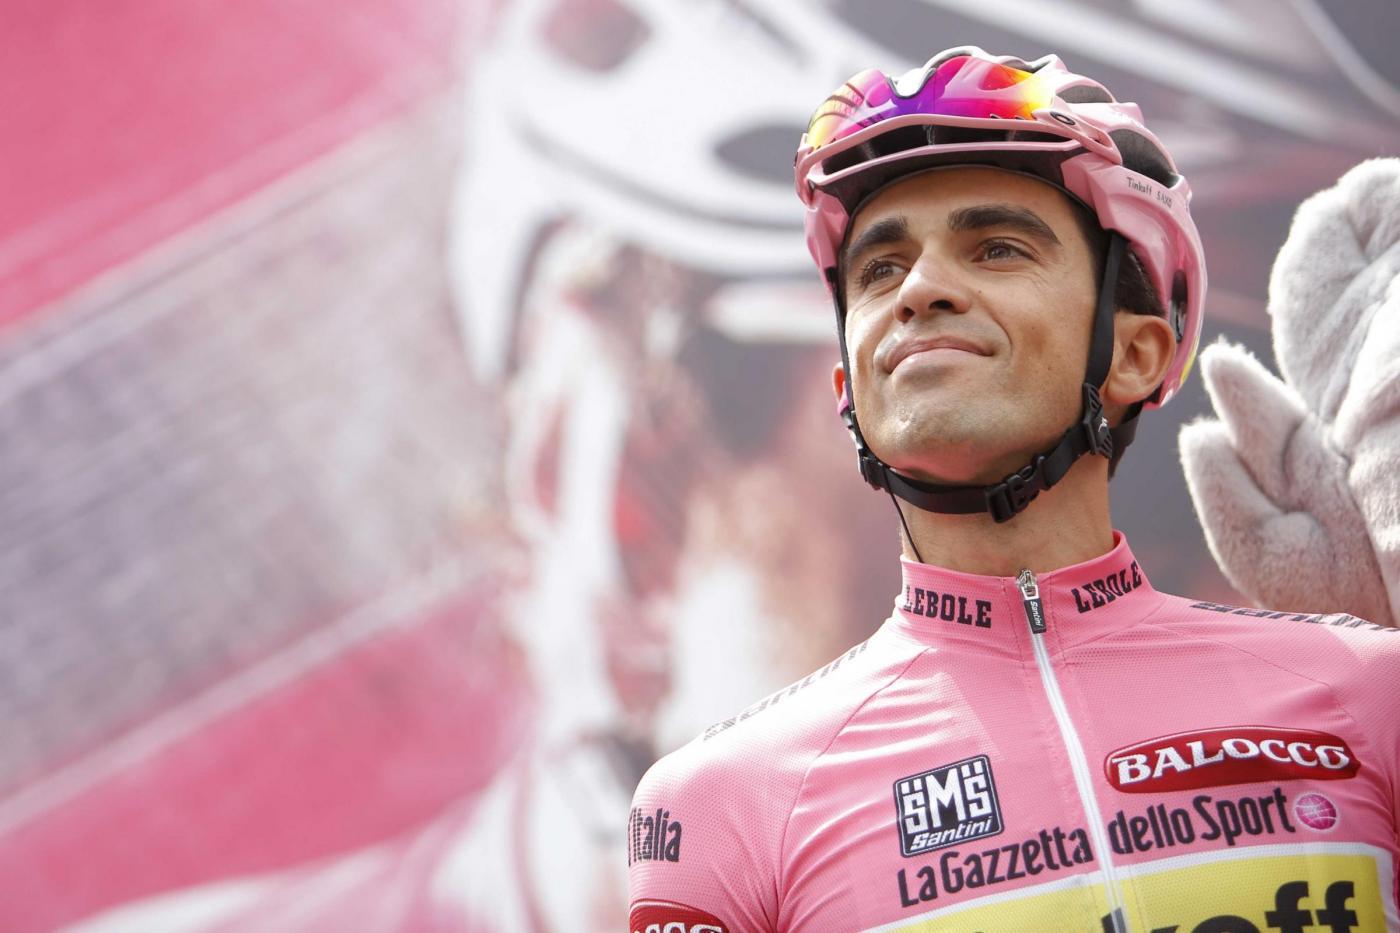 Contador maglia rosa 2015